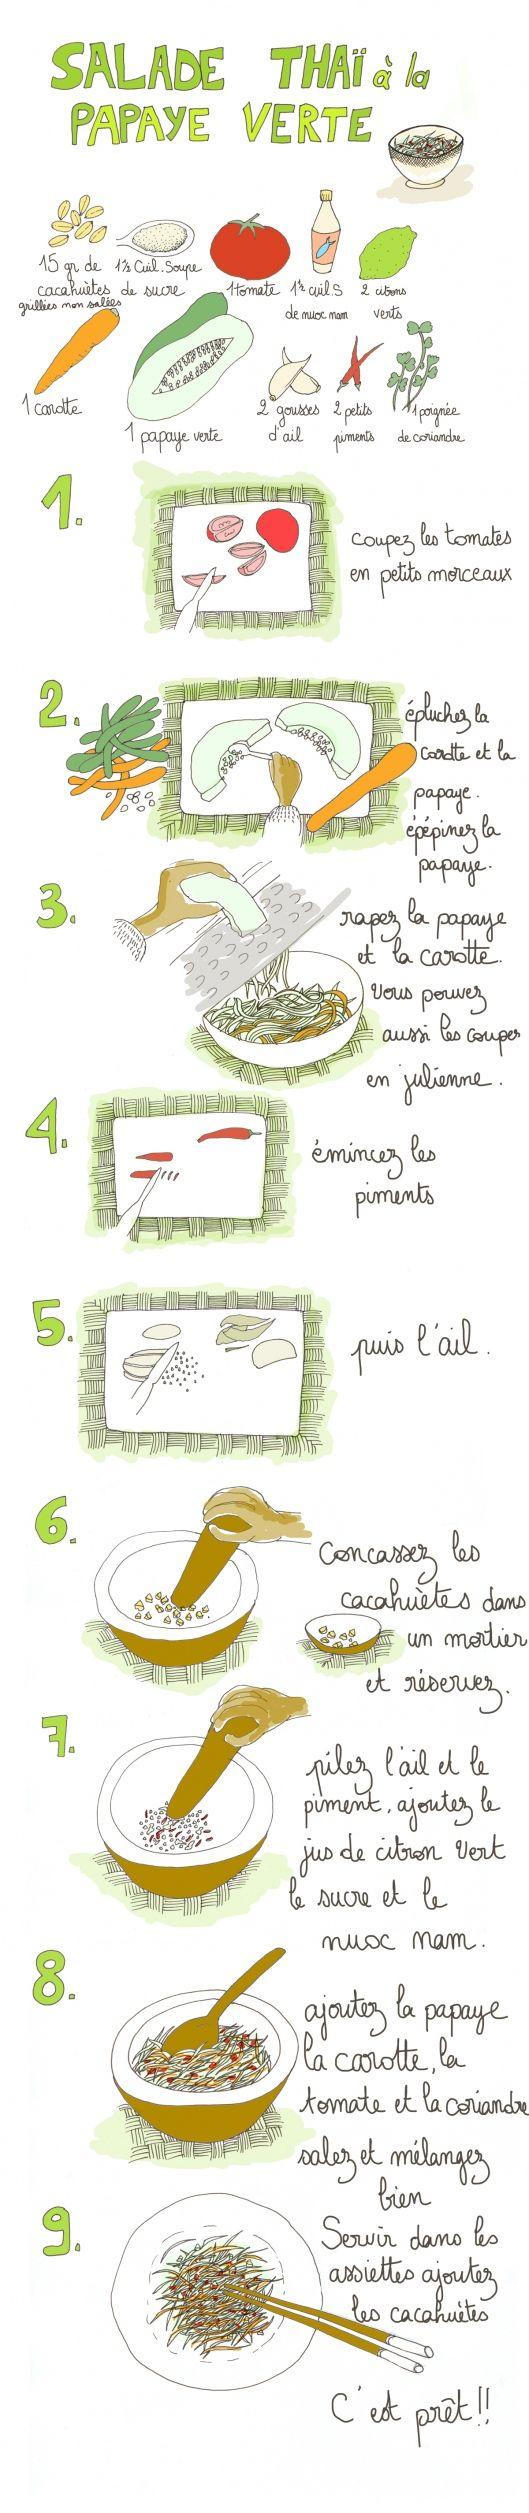 Salade de papaye verte (Ou mangue verte) carotte tomate nuoc mam cacahuetes+ crevettes roses, poitrine porc cuits dans bouillon coriandre menthe